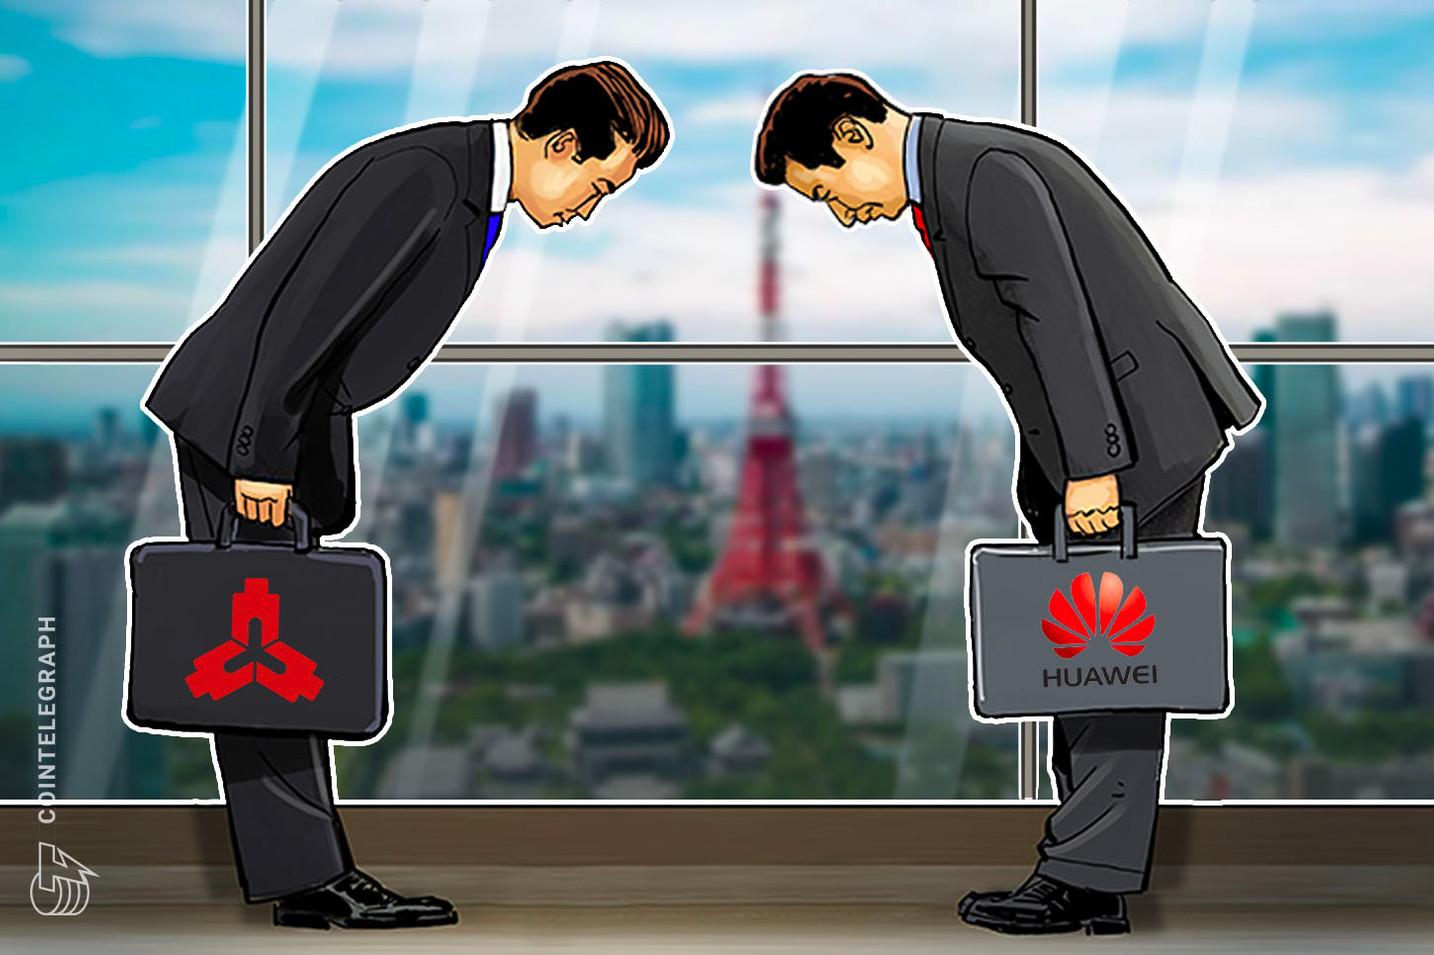 هواوي توقع عقدًا مع وحدة أبحاث العملات الرقمية بالبنك المركزي الصيني